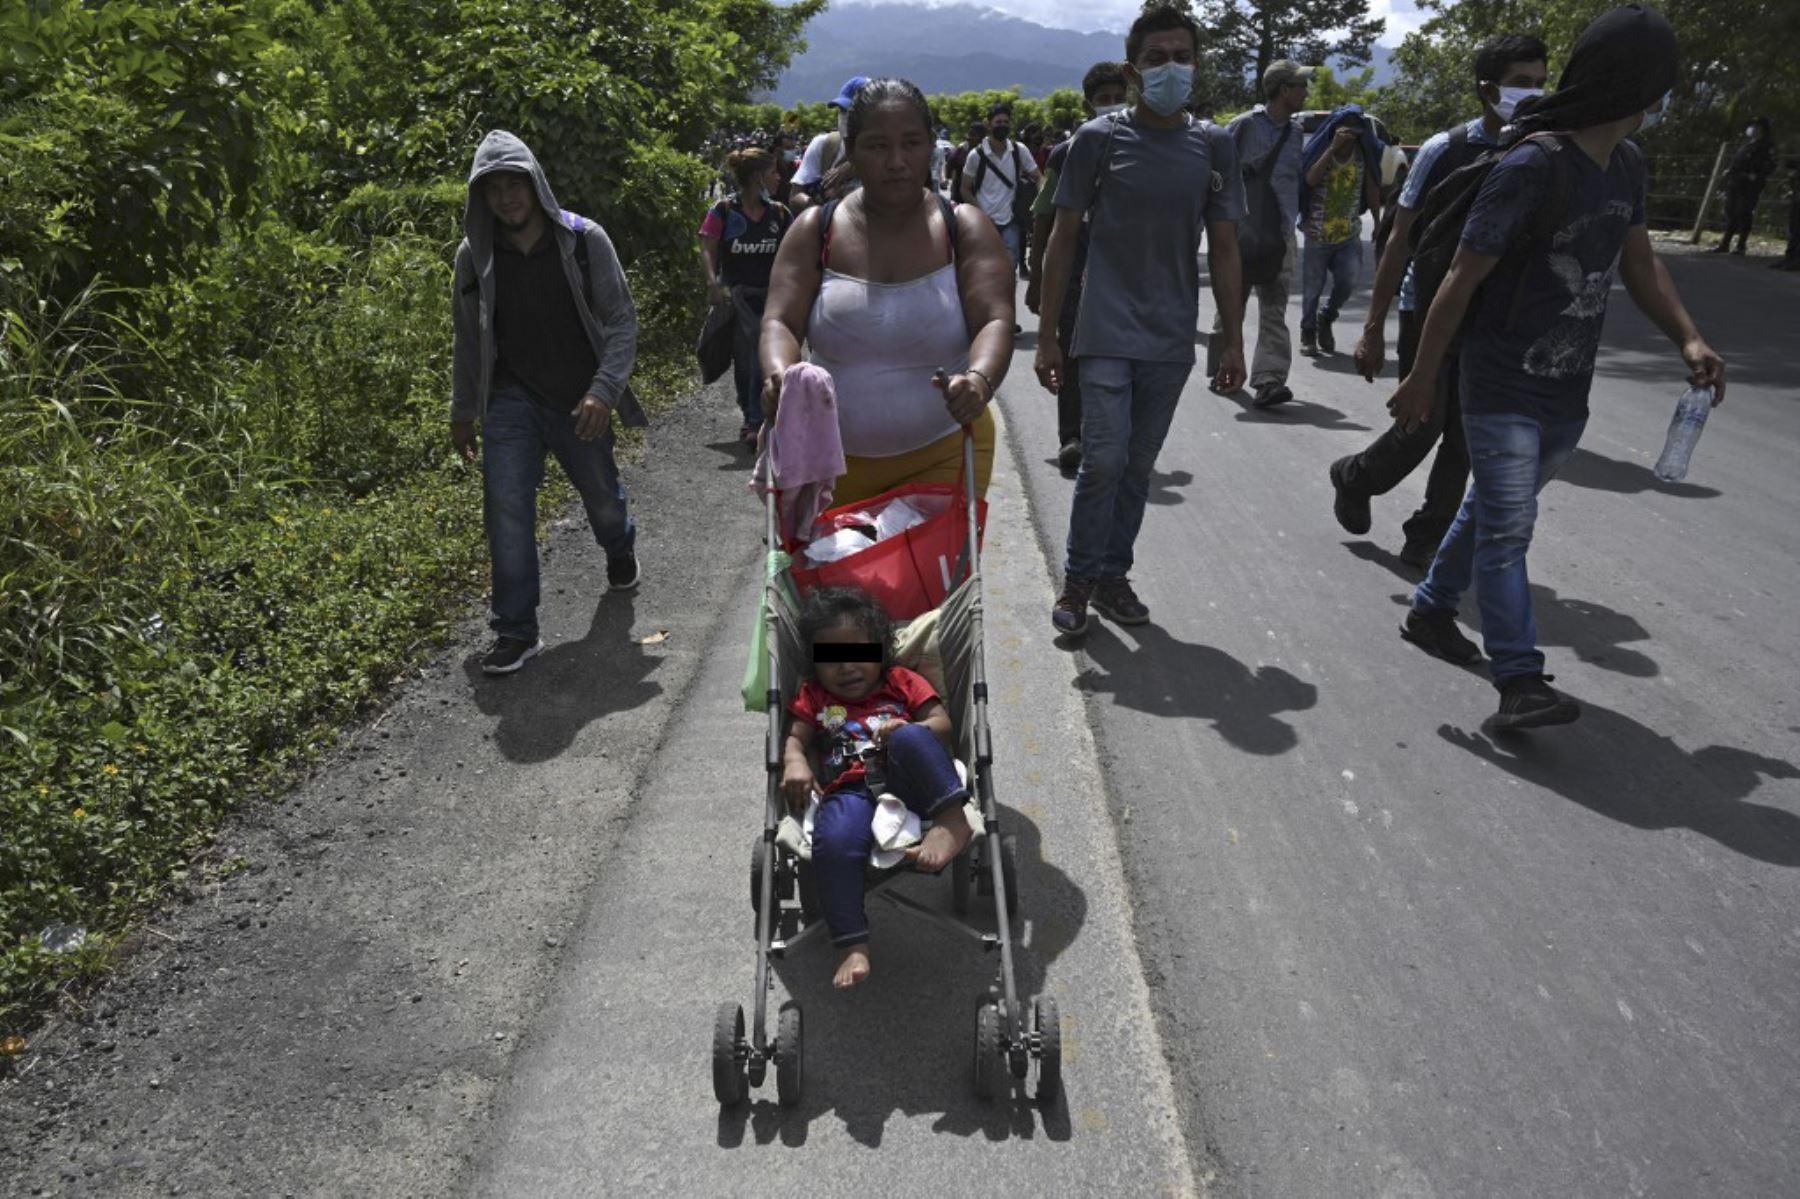 Un migrante hondureño, parte de una caravana que se dirige a Estados Unidos, empuja a un niño en un tranvía en Entre Ríos, Guatemala, luego de cruzar la frontera de Honduras. Foto: AFP